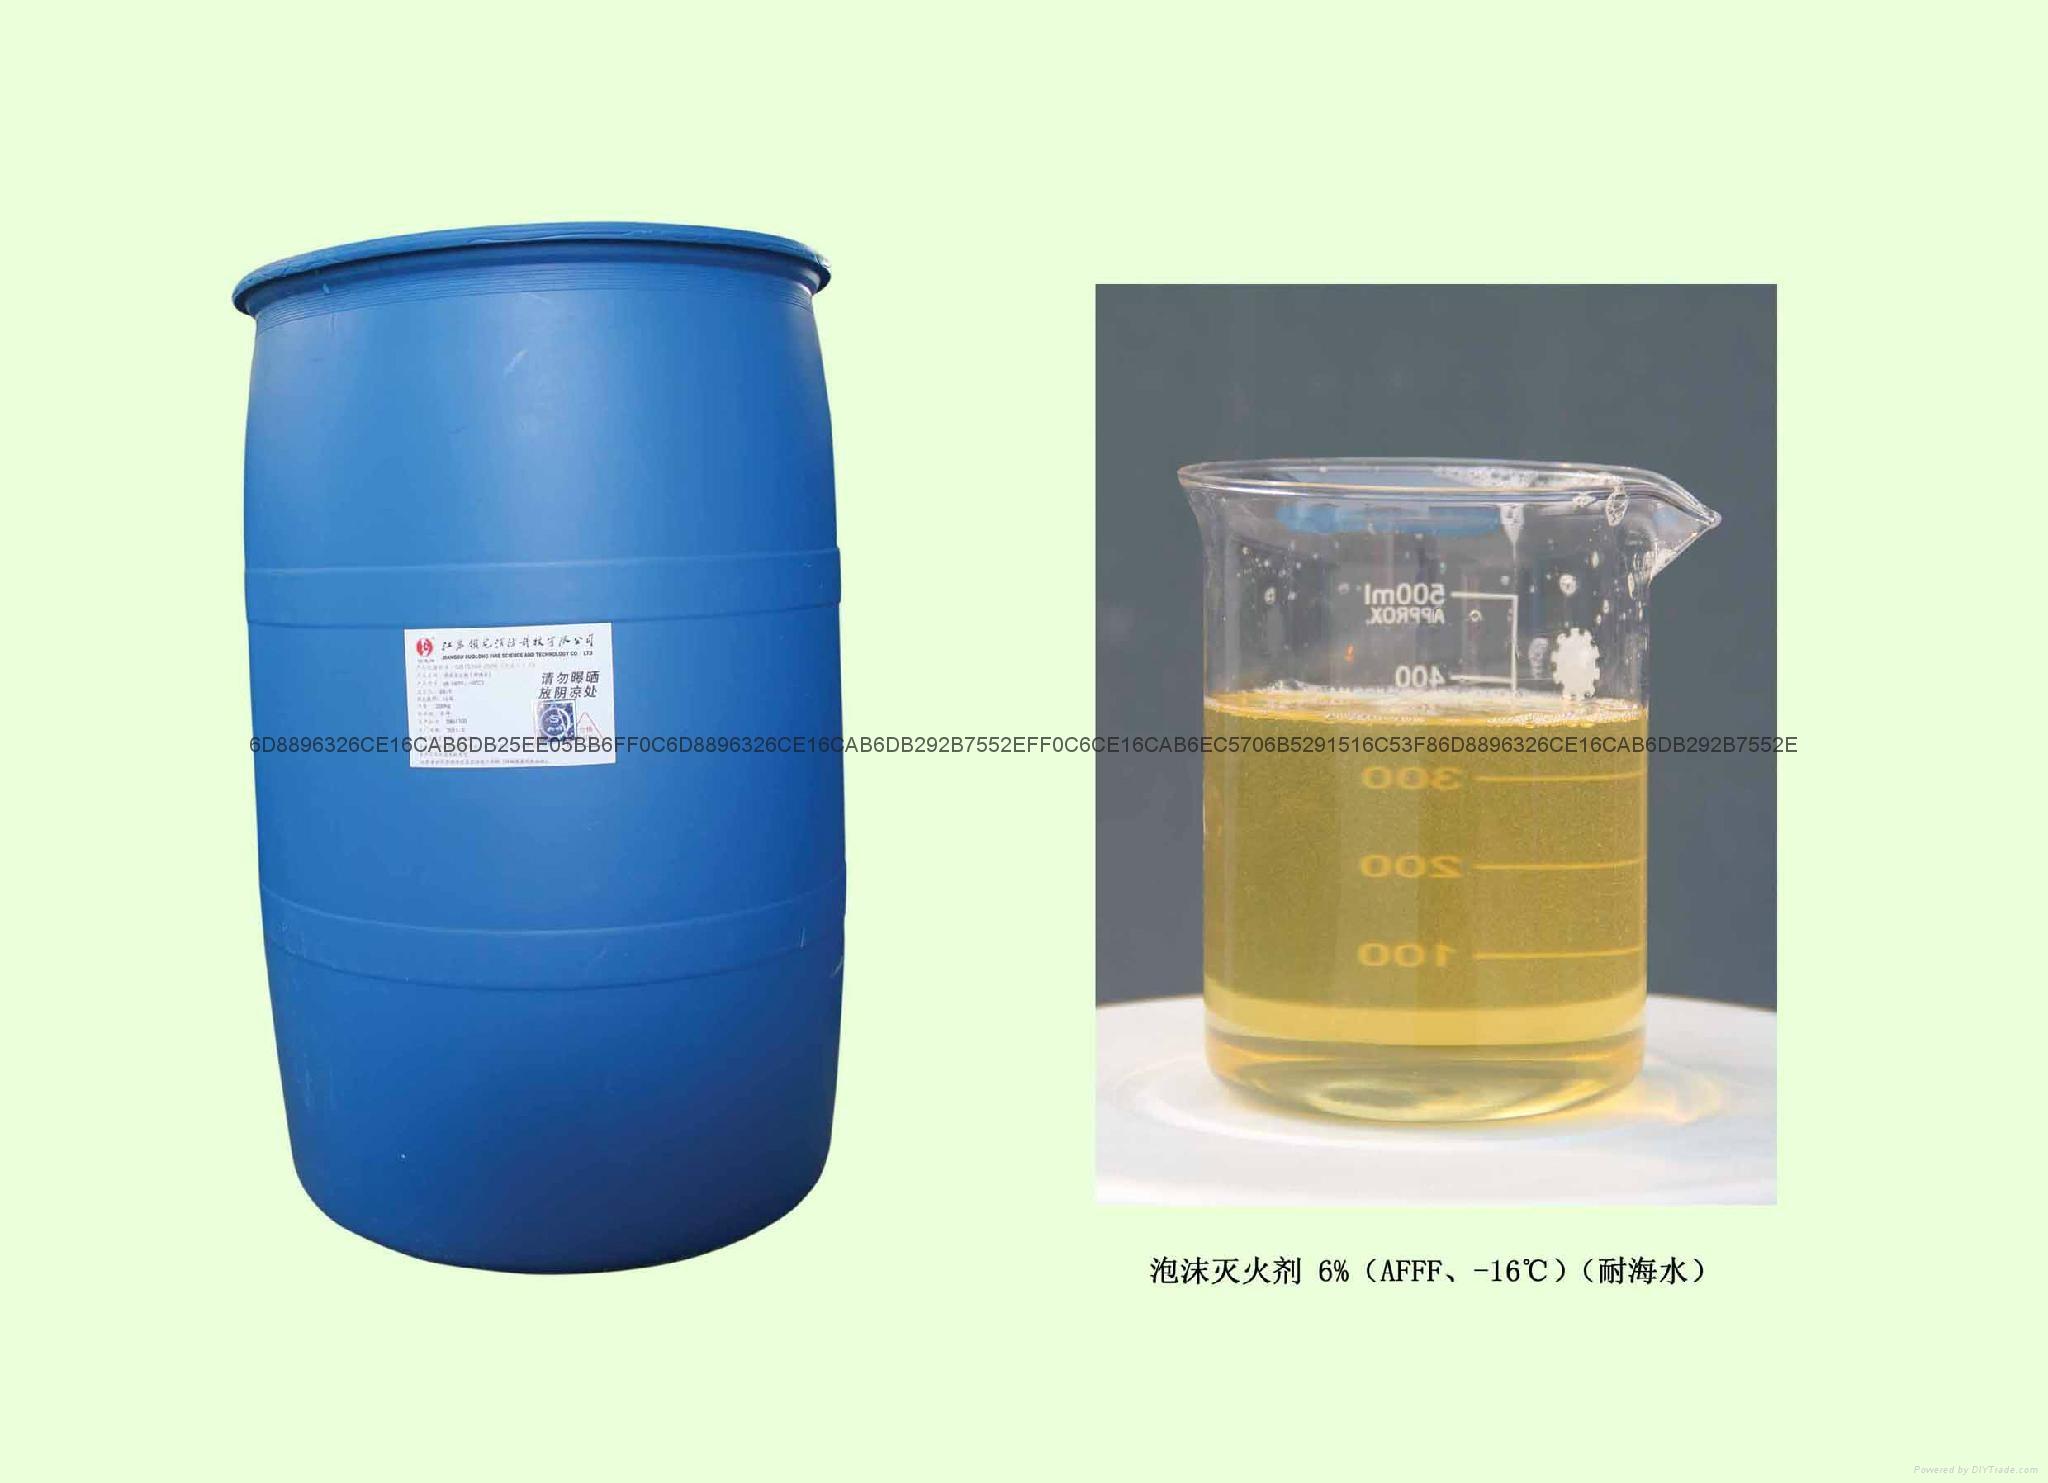 鎖龍IA級3%AFFF水成膜泡沫液 4